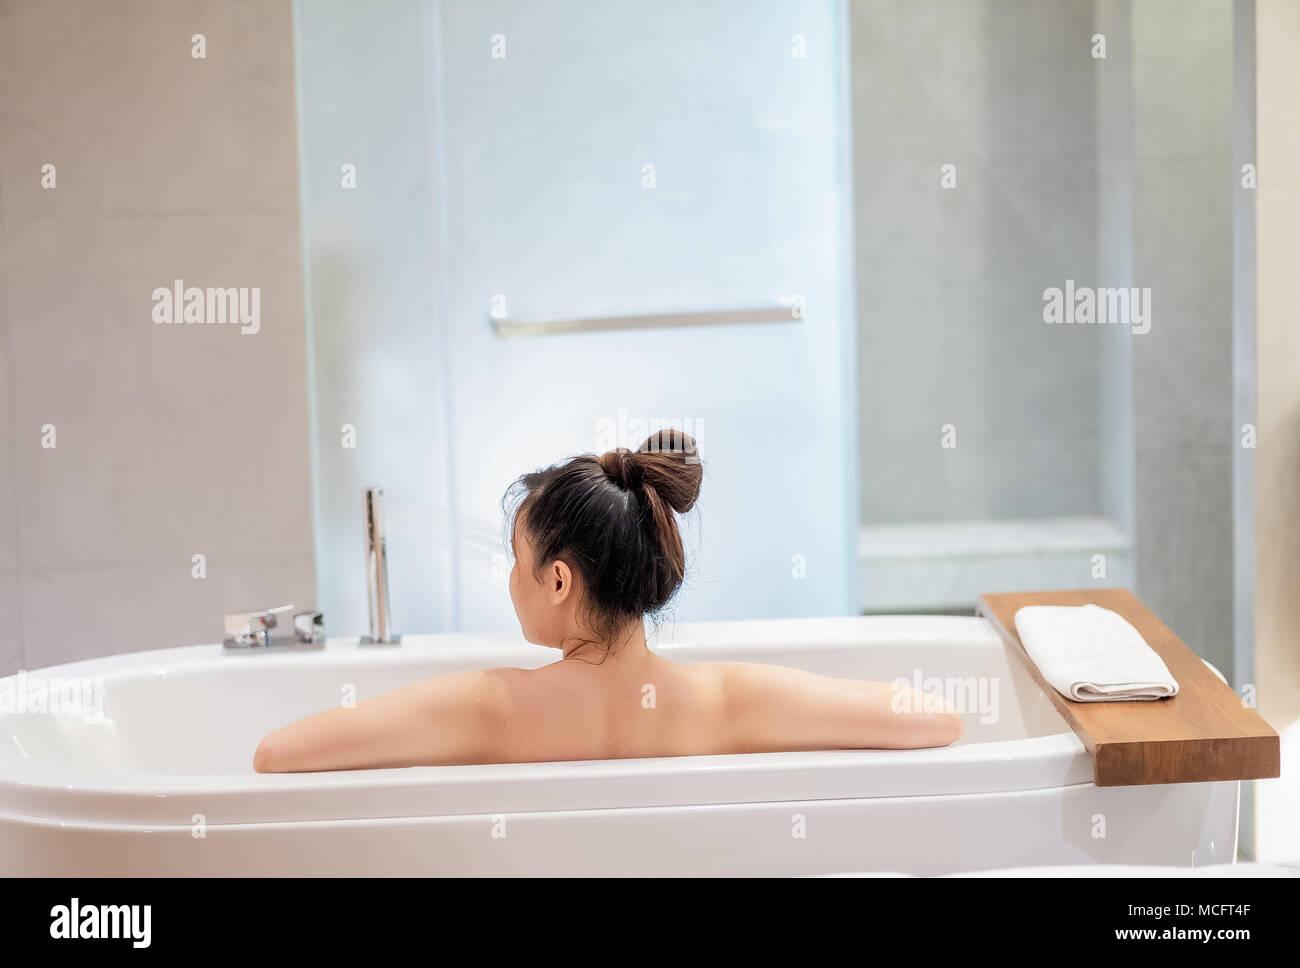 Vasche Da Bagno Nella Jacuzzi : Donna rilassante in una vasca da bagno doccia nella stanza da